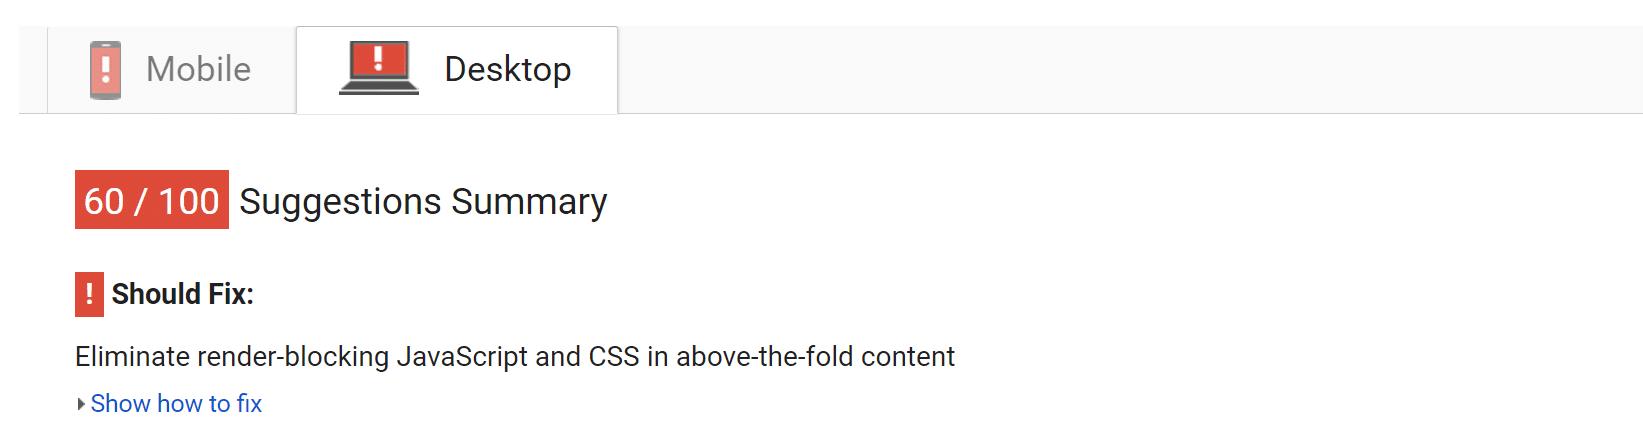 """Eliminar los bloqueadores de visualización JavaScript y CSS en el contenido """"above-the-fold"""""""